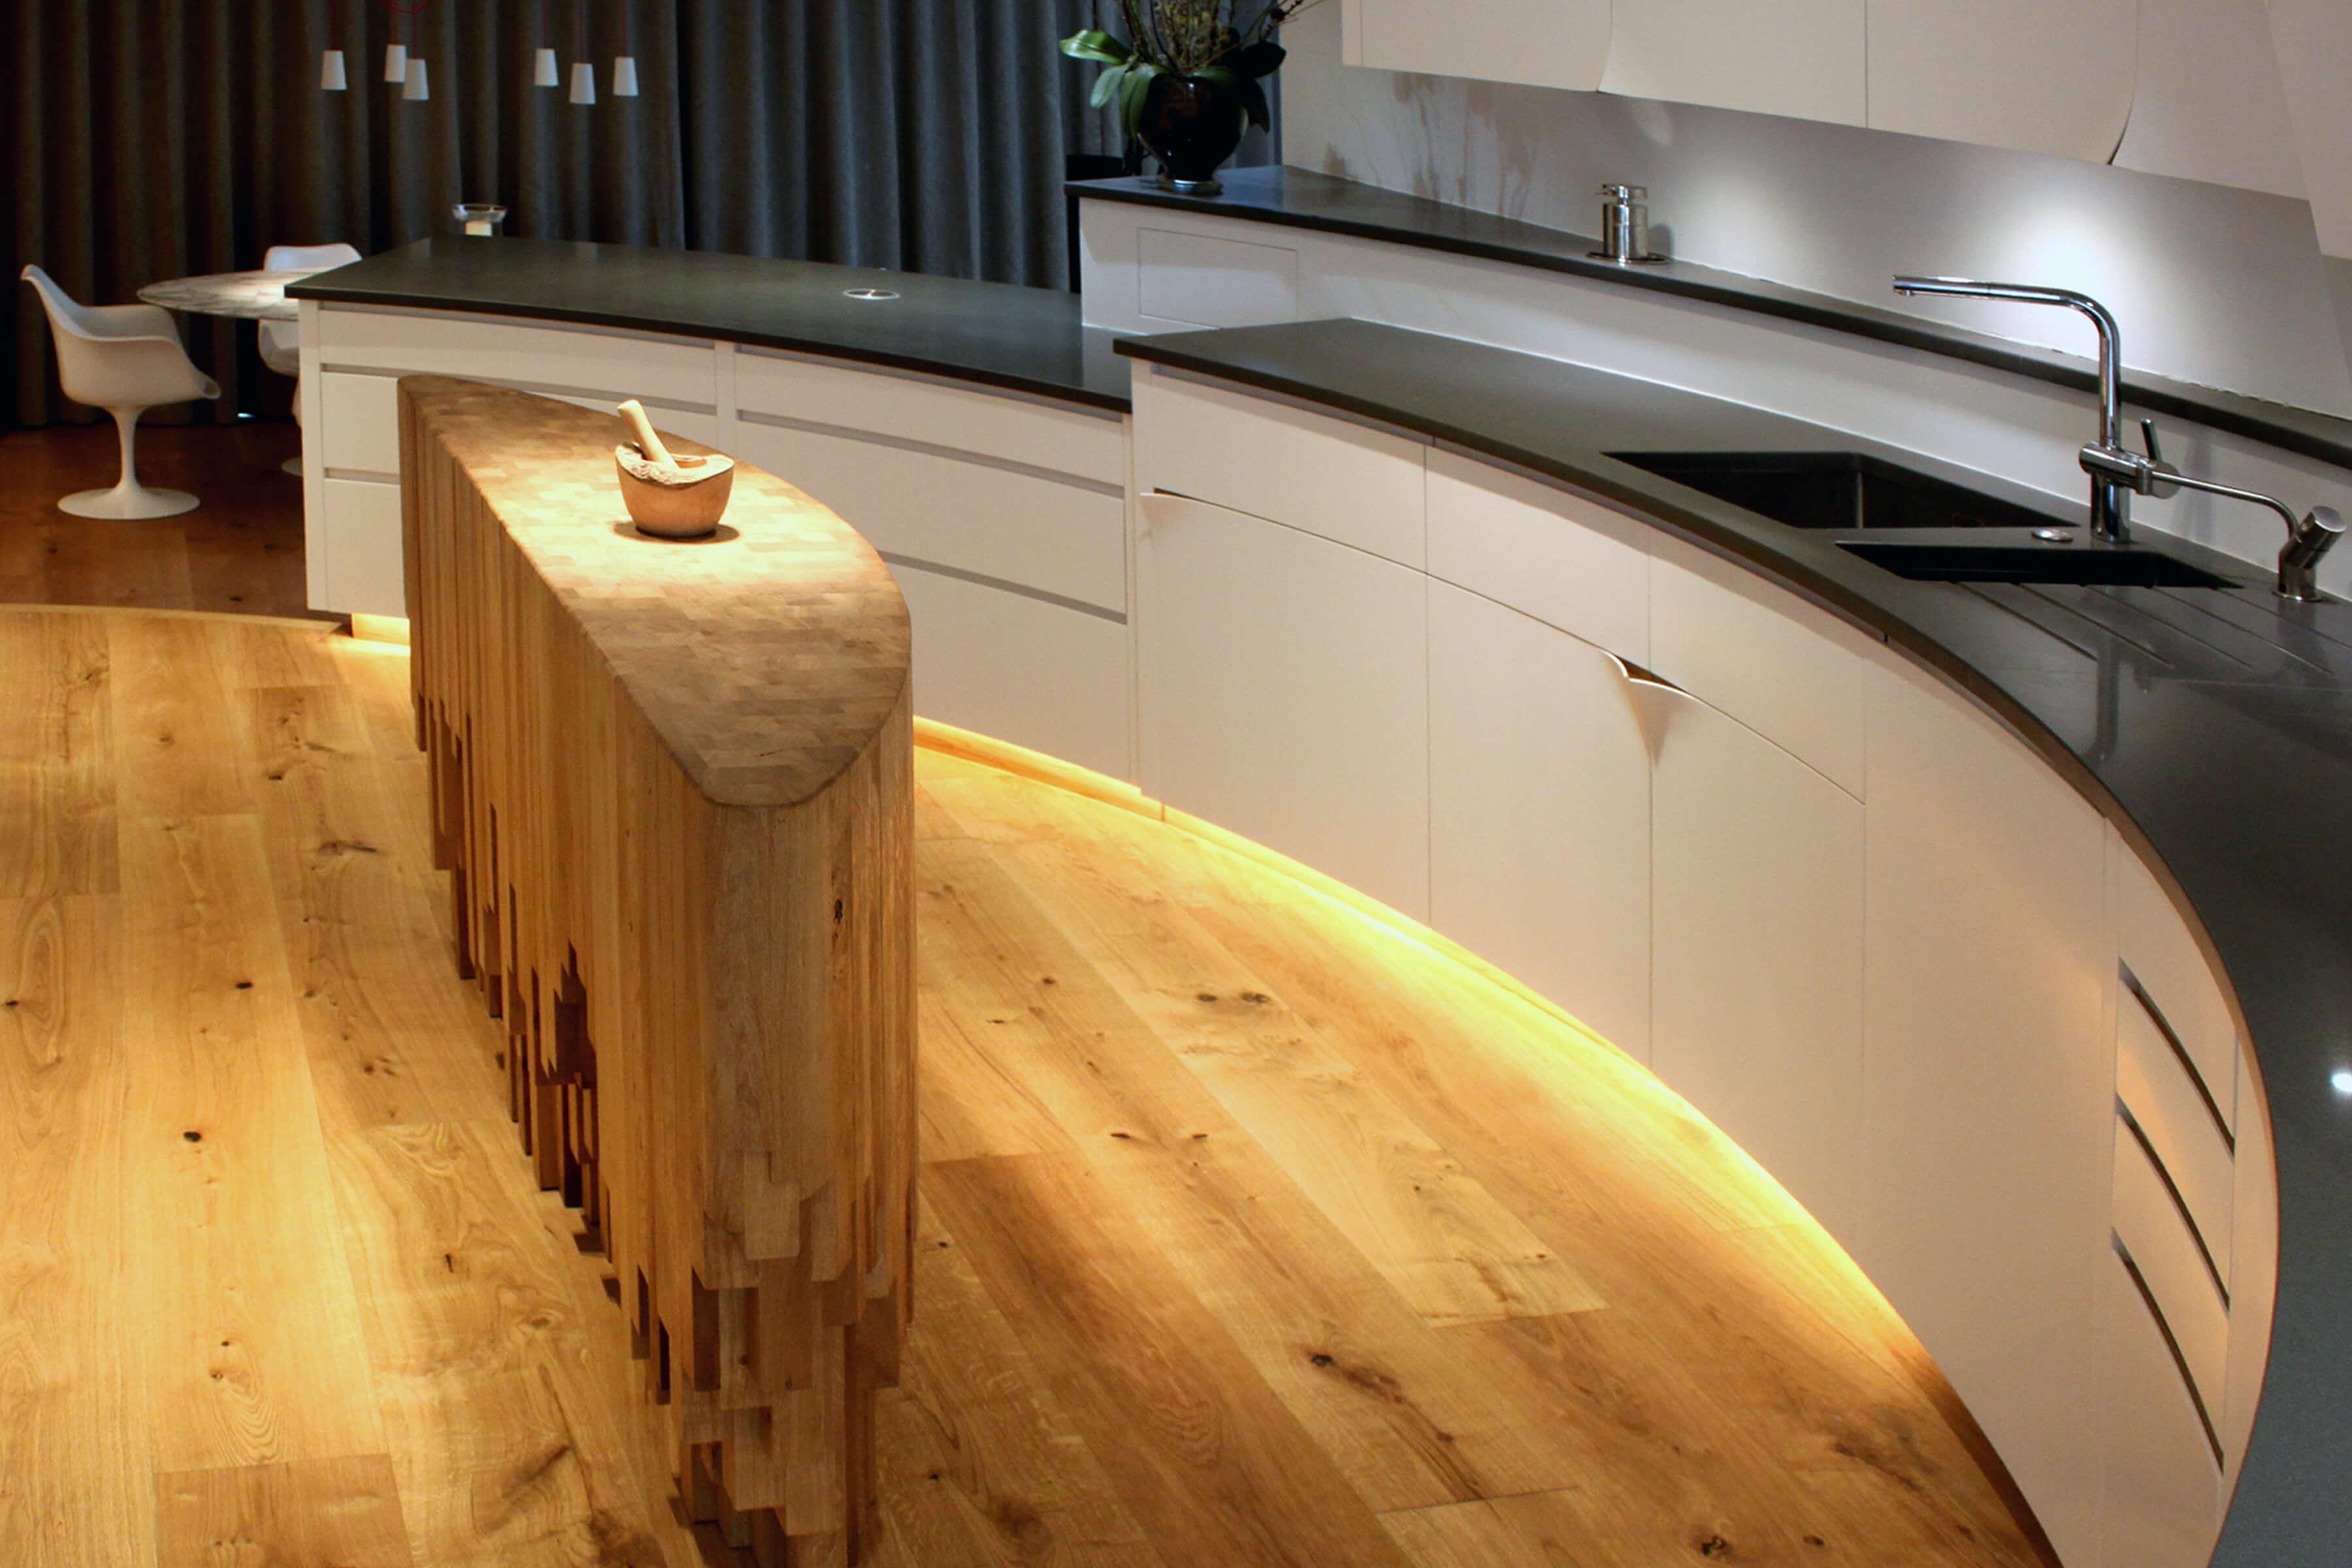 Curved kitchen designed by Splinterworks with a sculptural kitchen island